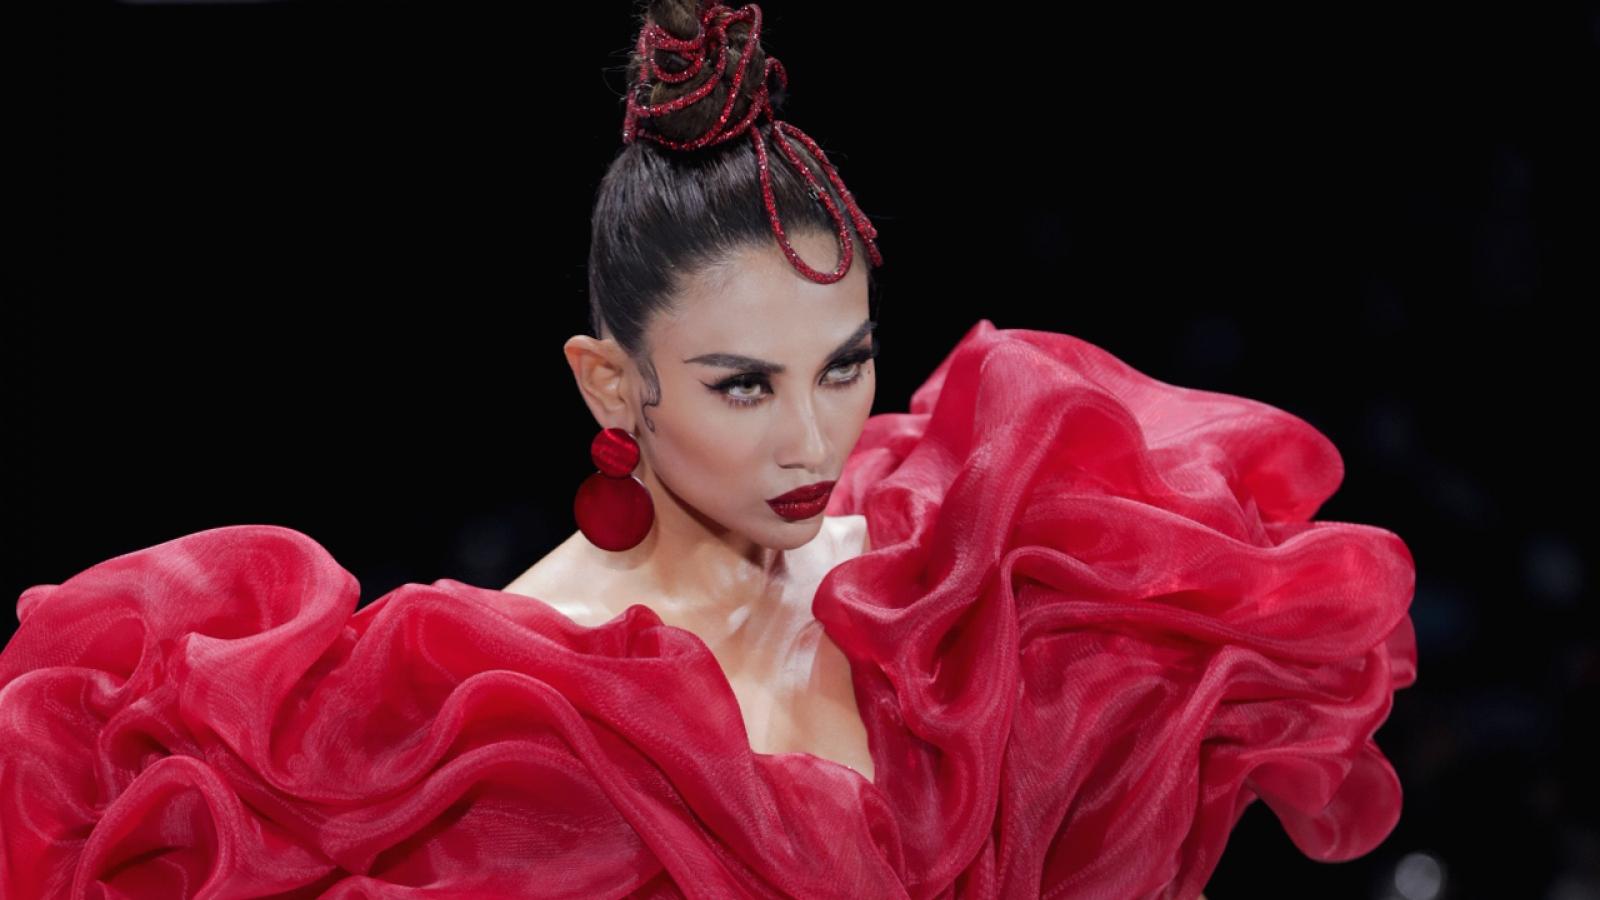 Võ Hoàng Yến hóa đóa hồng, nhảy múa trên sàn diễn thời trang